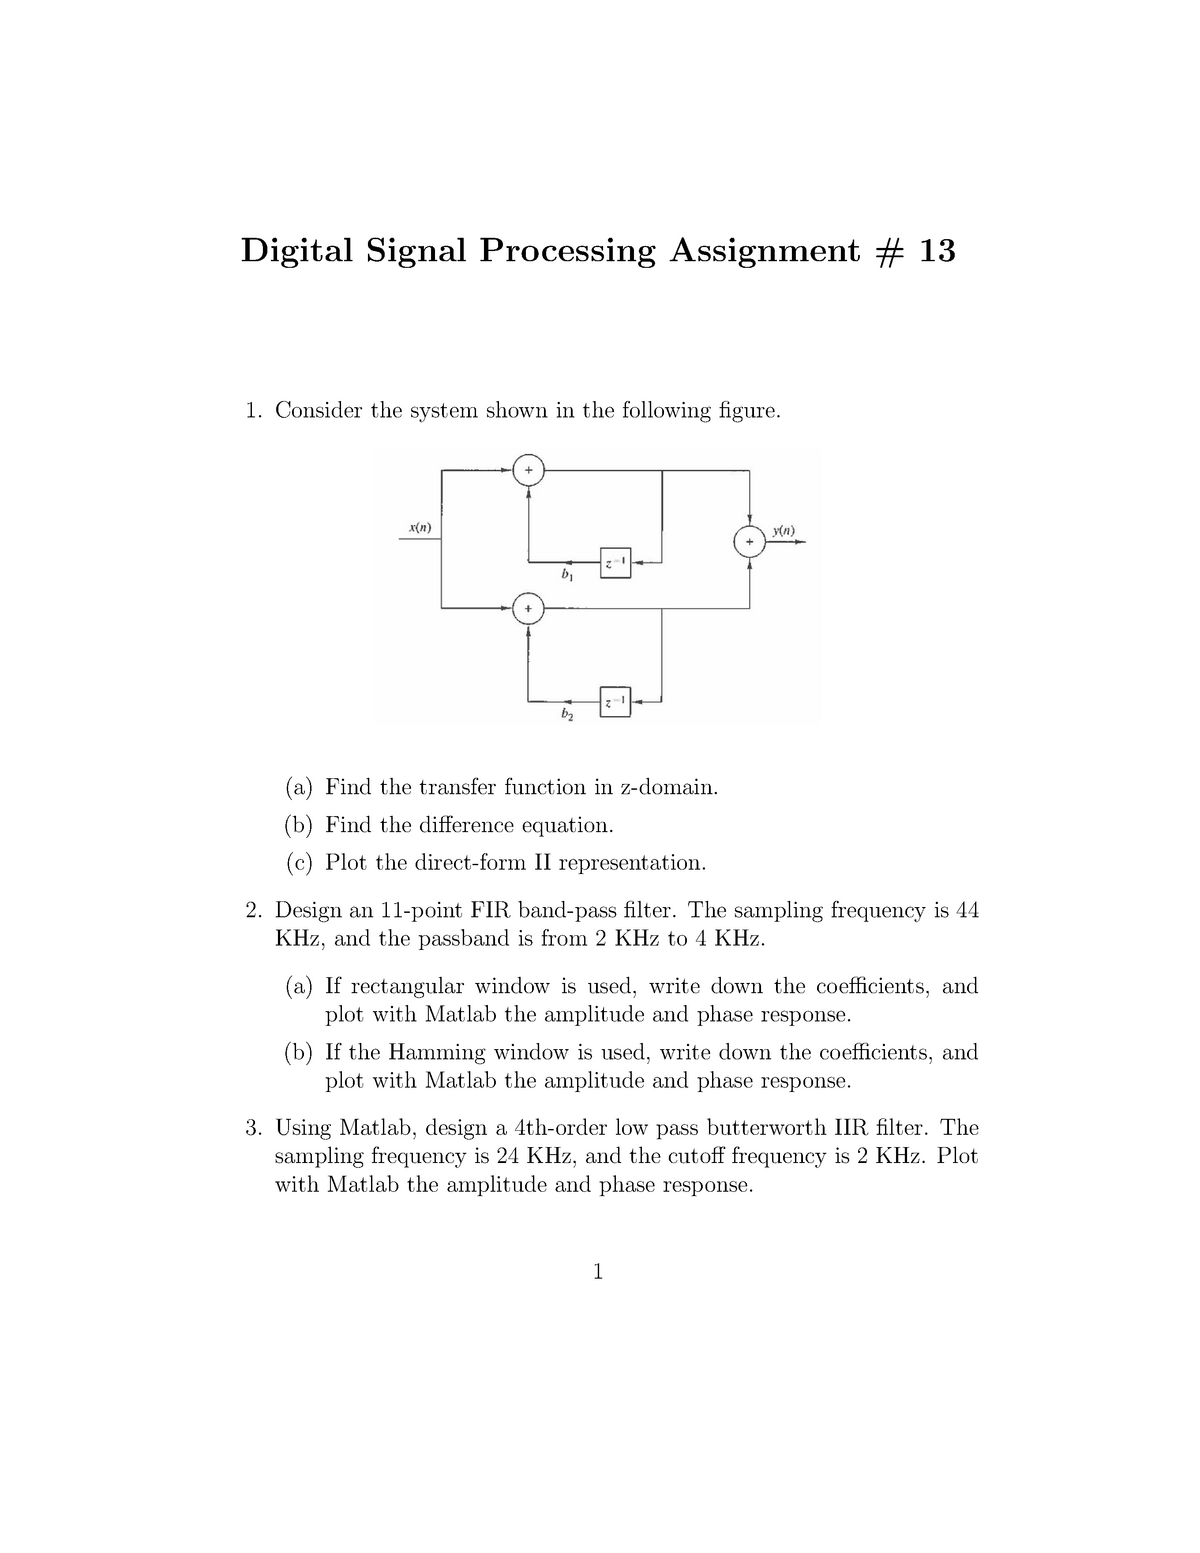 Assignment 13 - Questions - ELEG 5173L: Digital Signal Processing